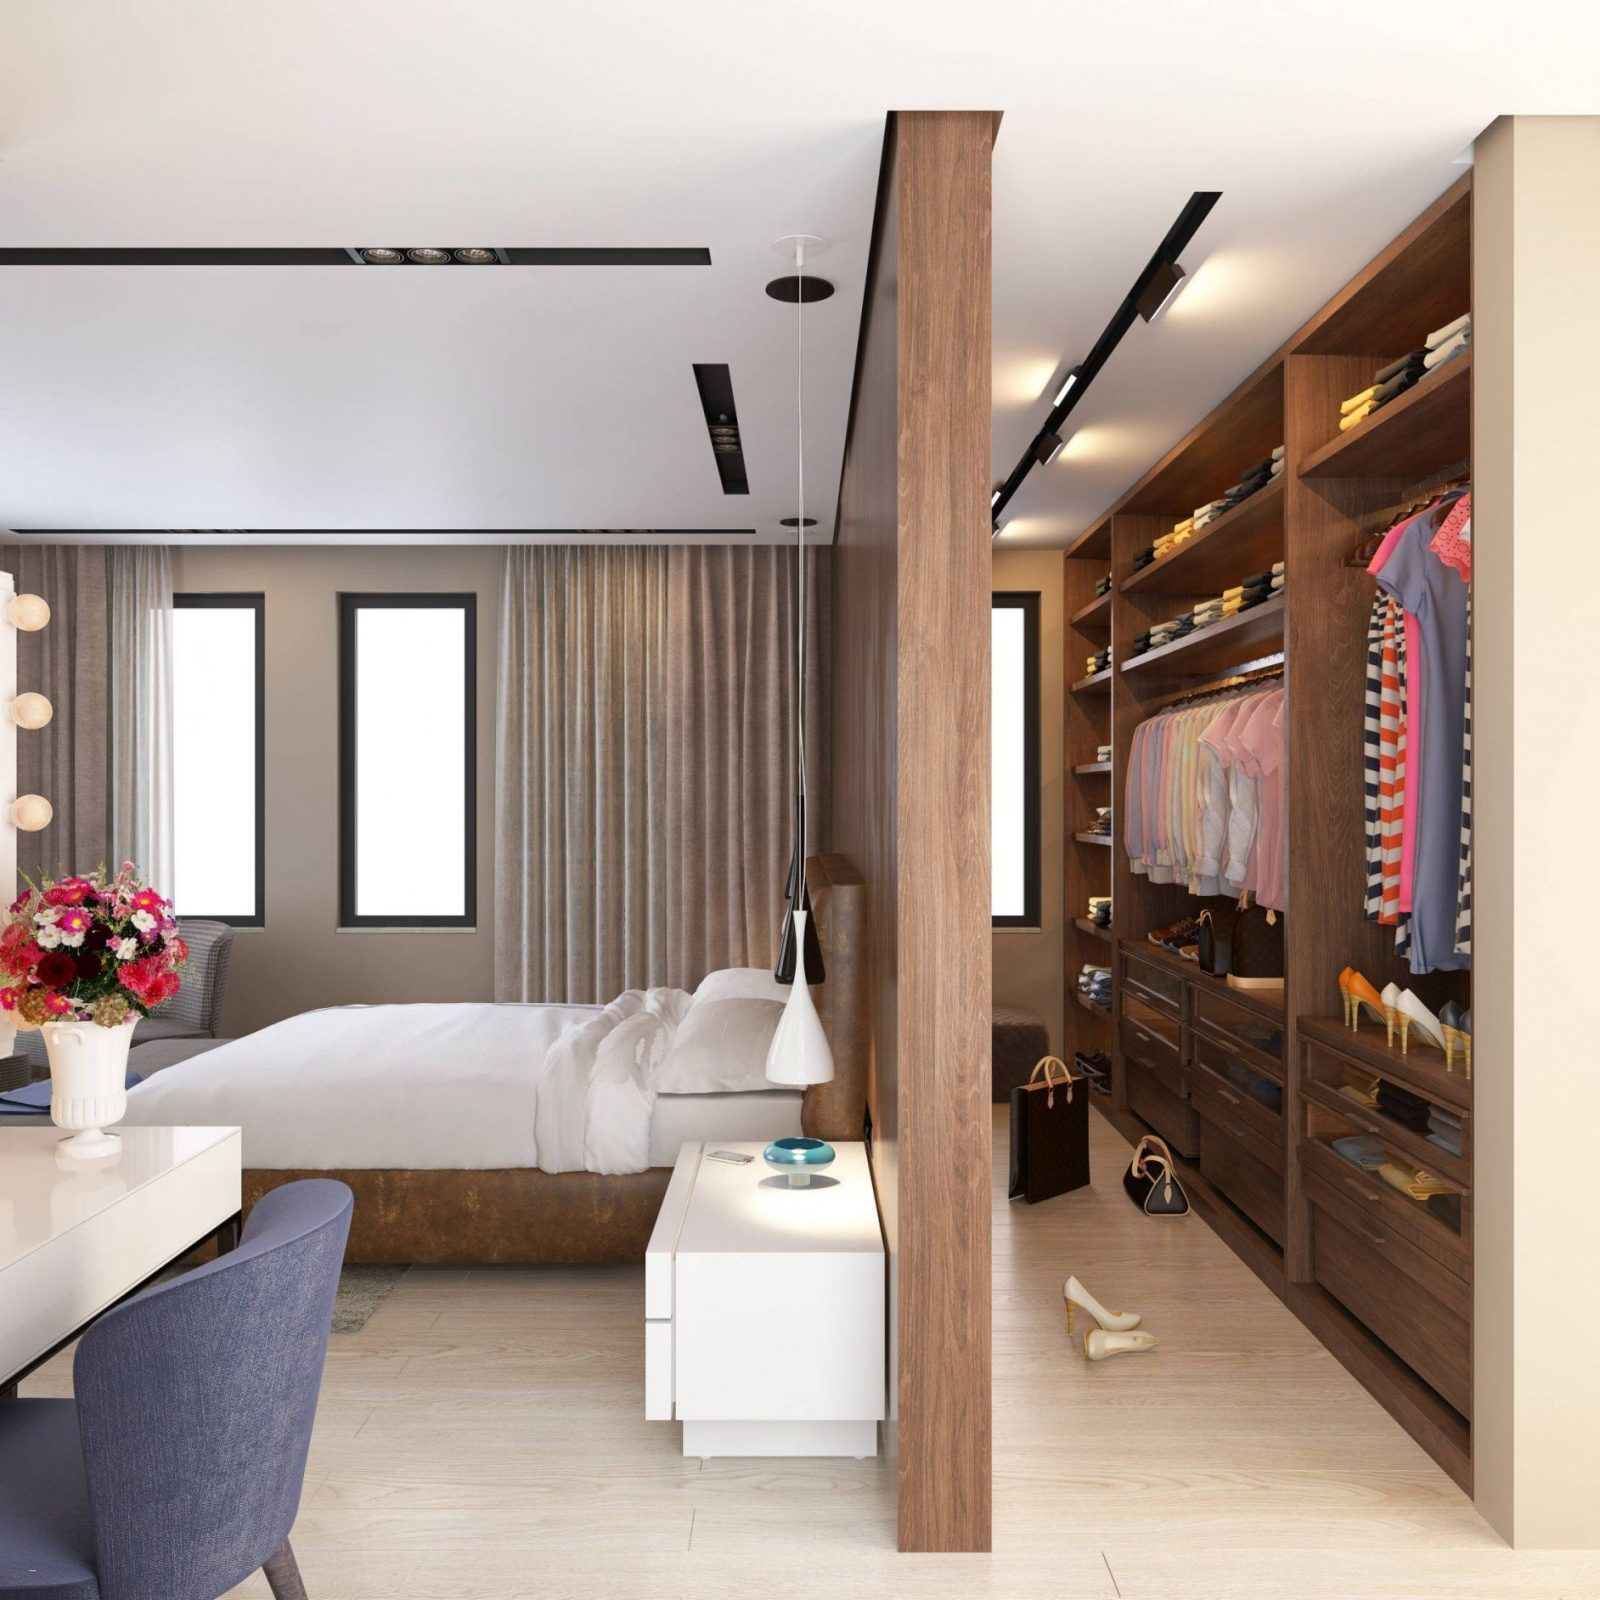 Begehbarer Kleiderschrank Kleines Schlafzimmer Genial Genial von Begehbarer Kleiderschrank Kleines Schlafzimmer Bild